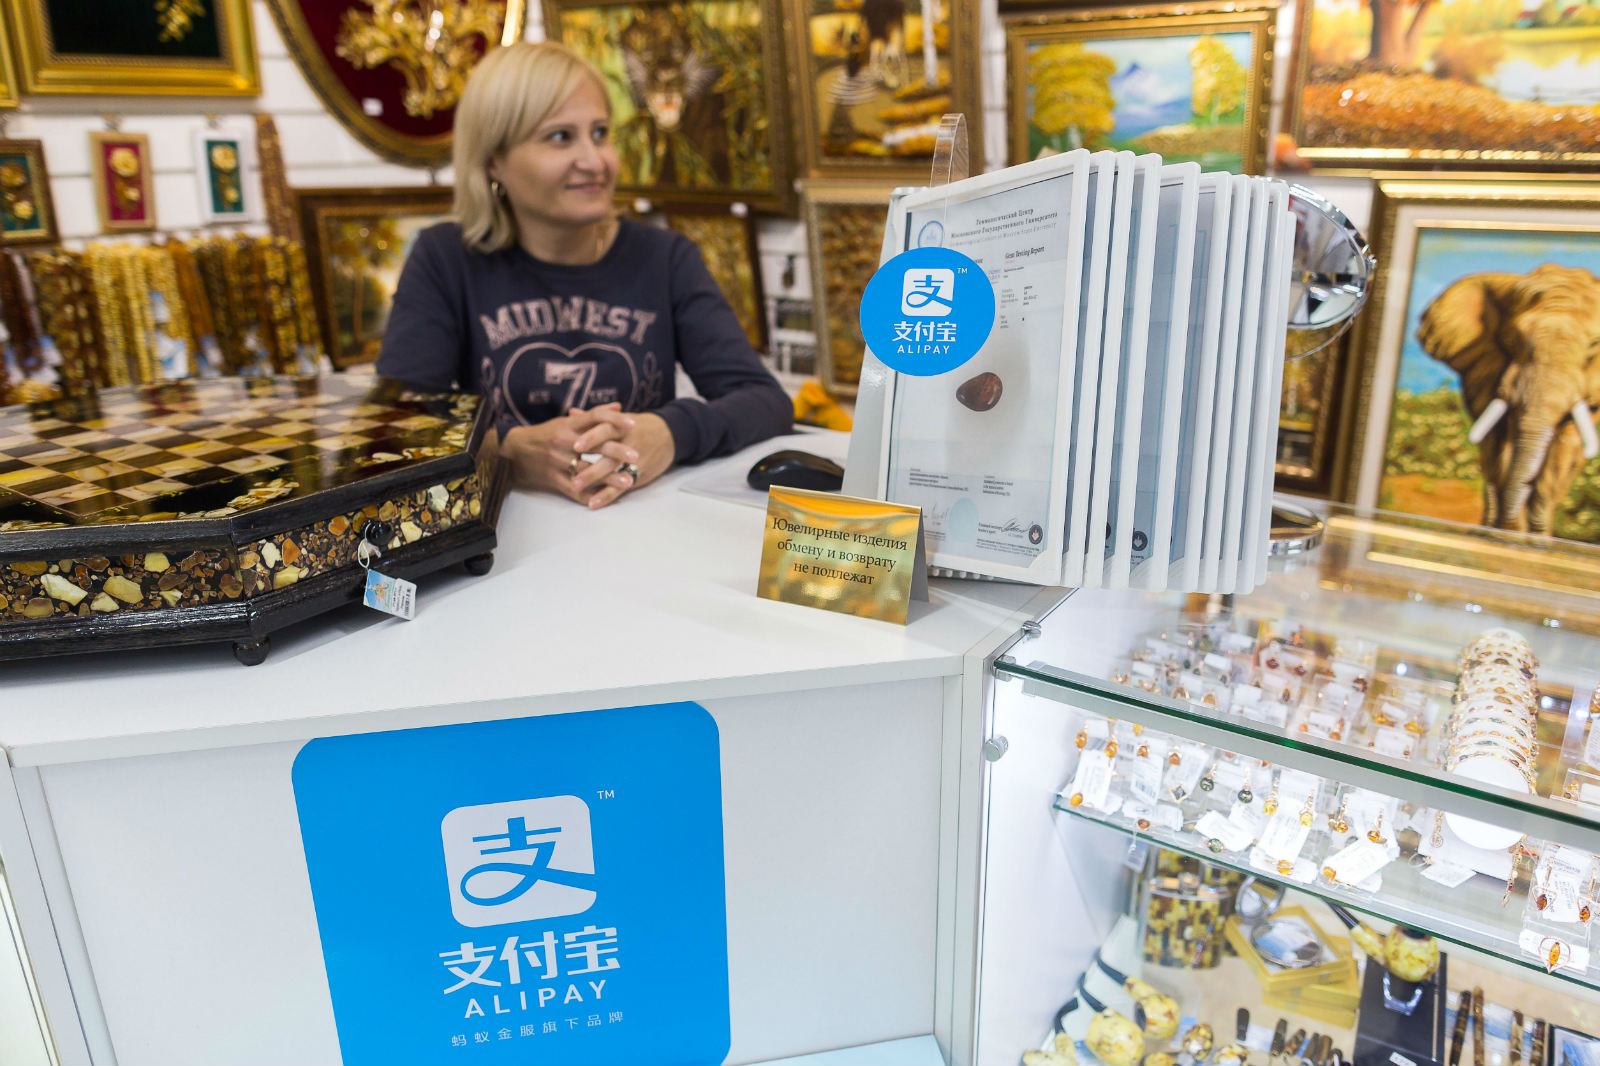 中国大妈到俄罗斯看球,用支付宝购地铁票